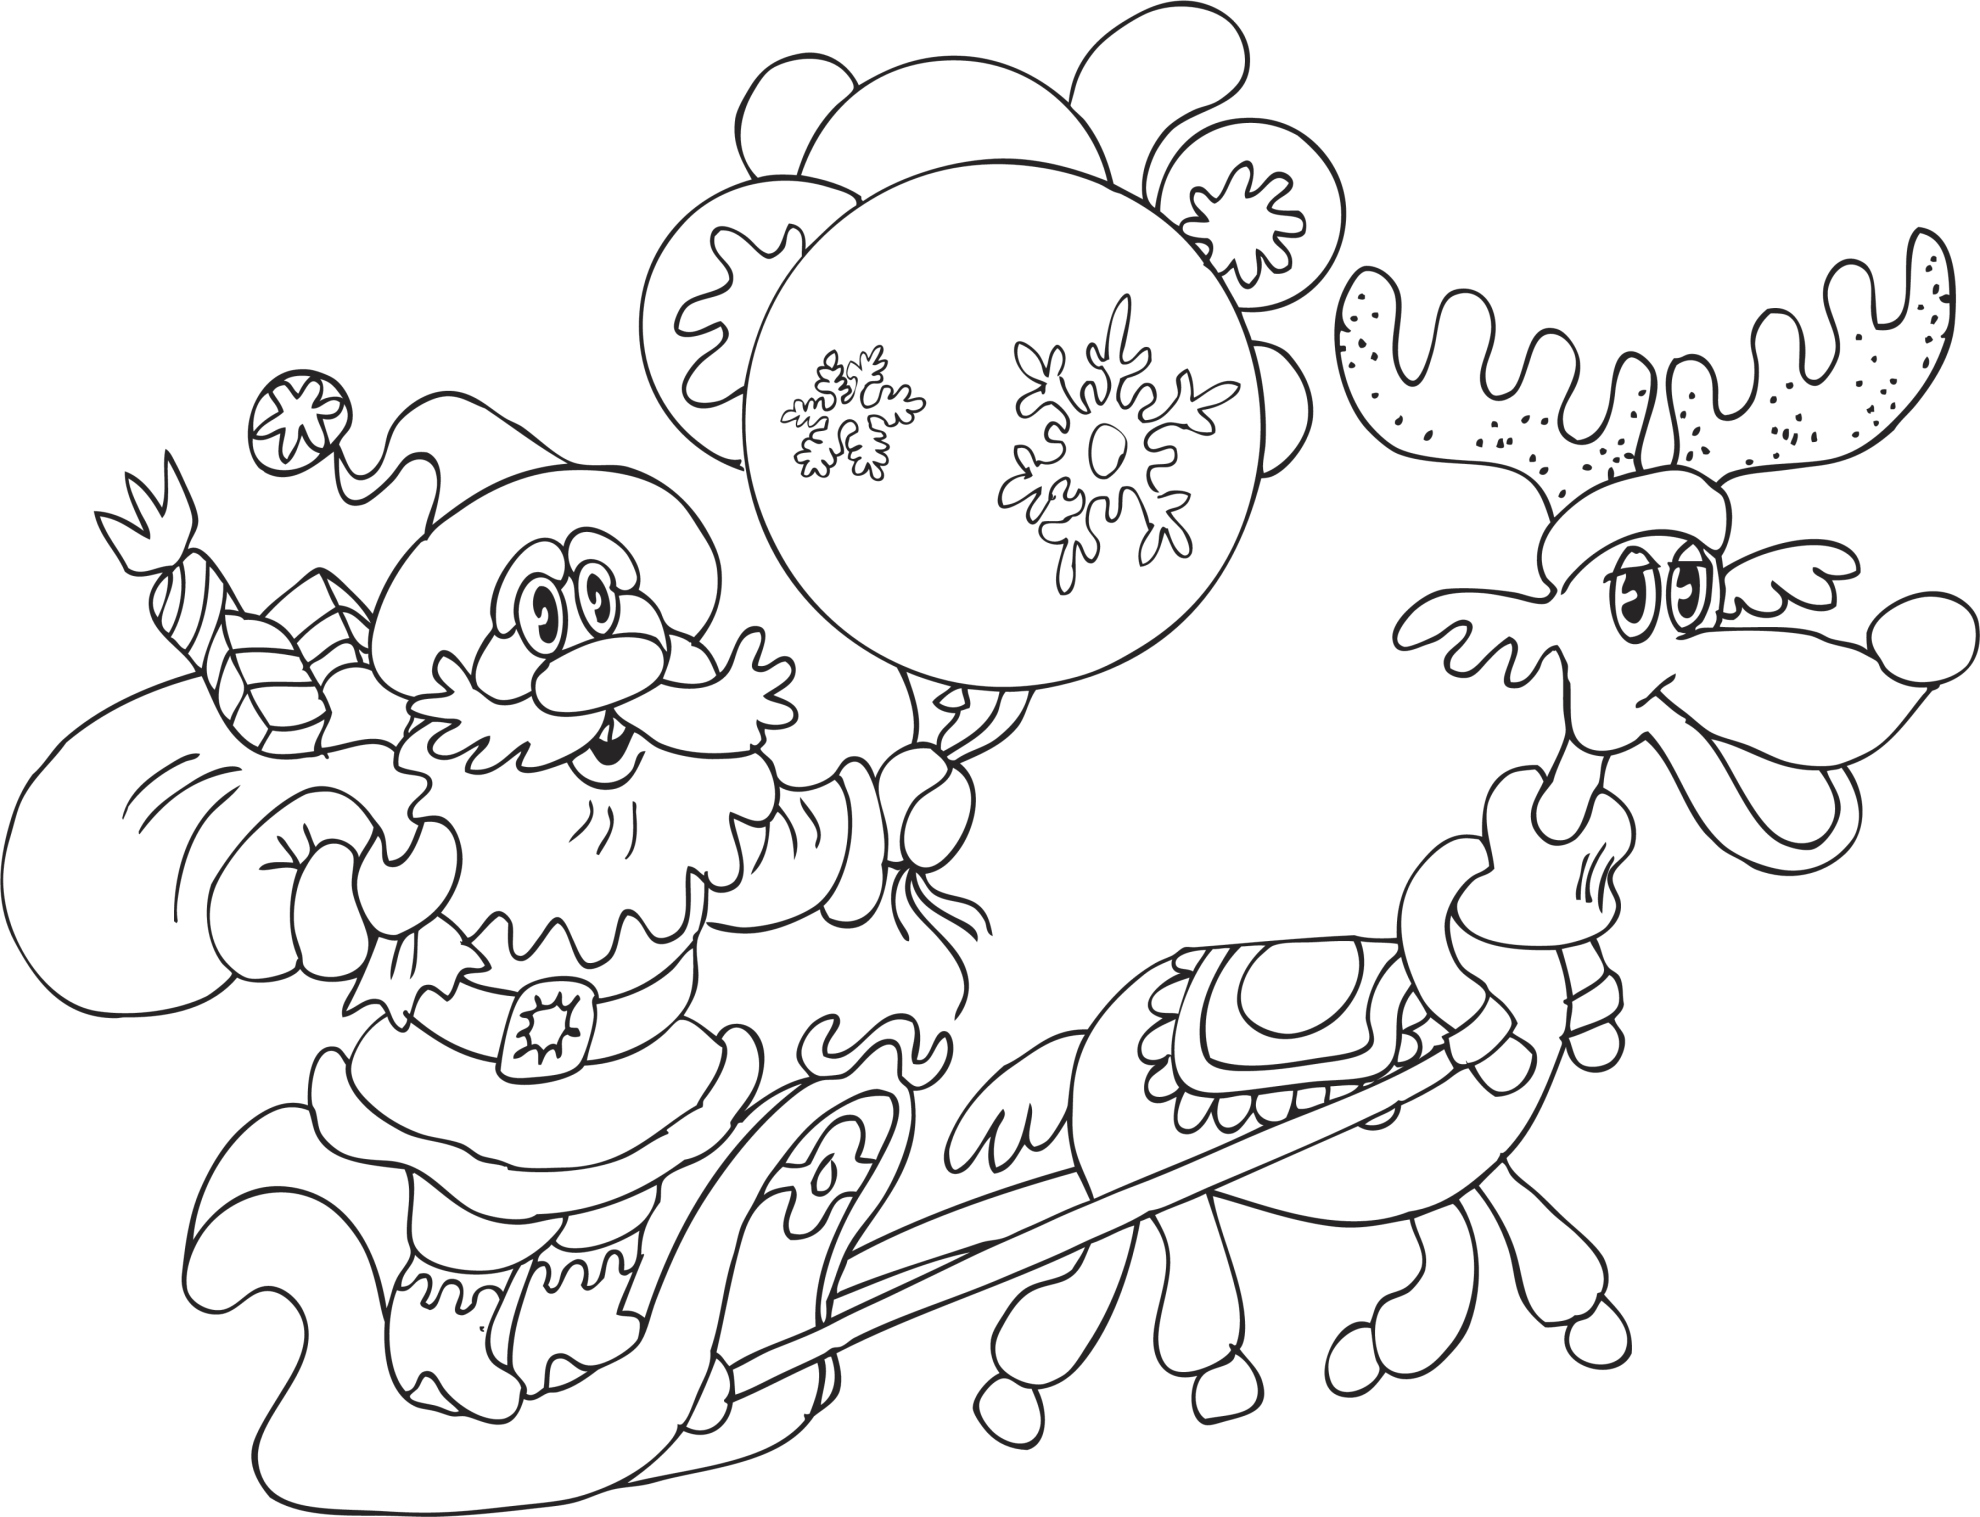 Dibujos Para Colorear Disney Para Y Dibujos Para Pintar: 54 Dibujos De Navidad, Tarjetas , Papa Noel Y Arbolitos De